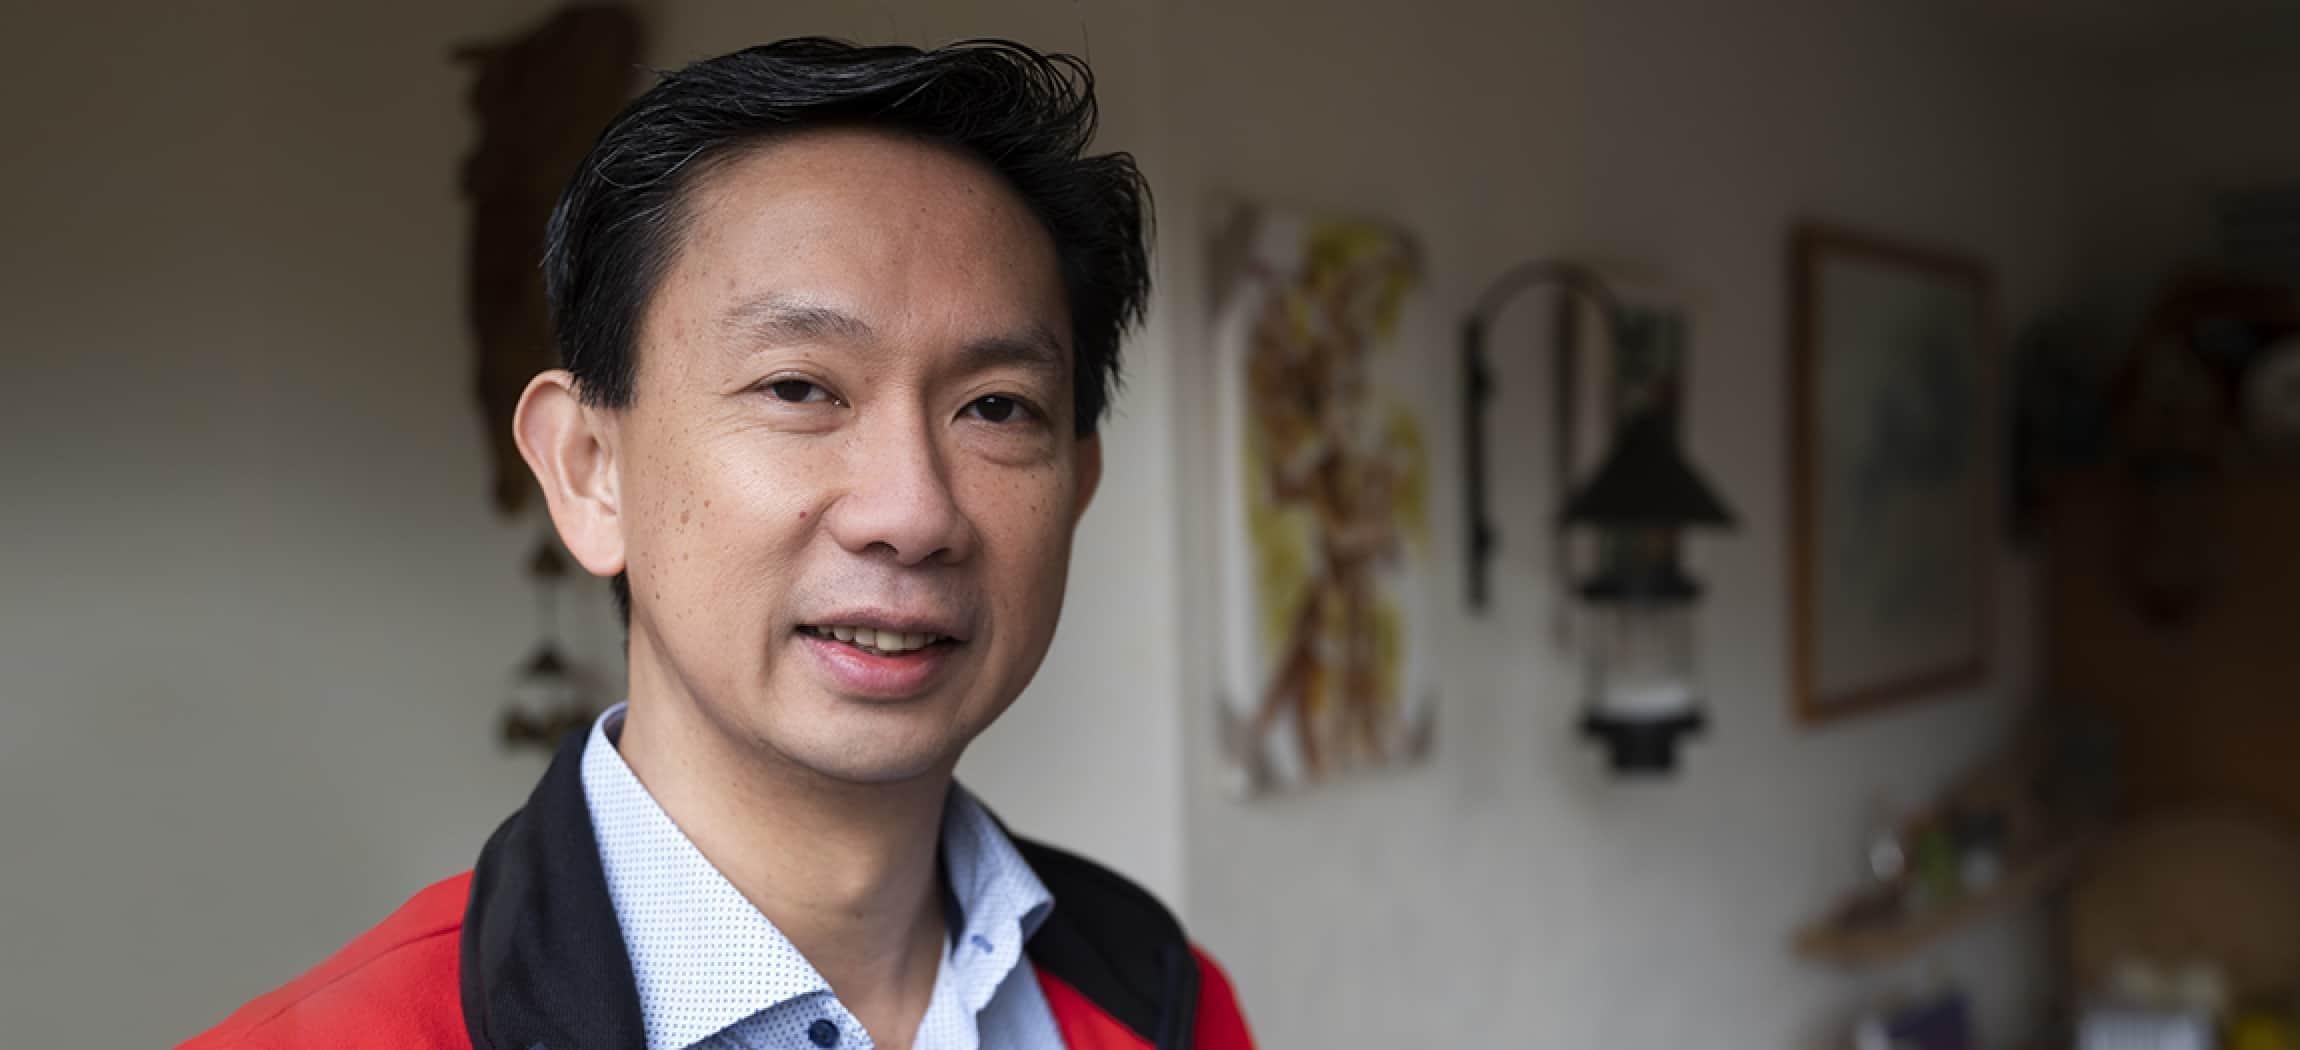 Wawan Kawulusan, werkt bij dagbesteding De Klinker in Amsterdam